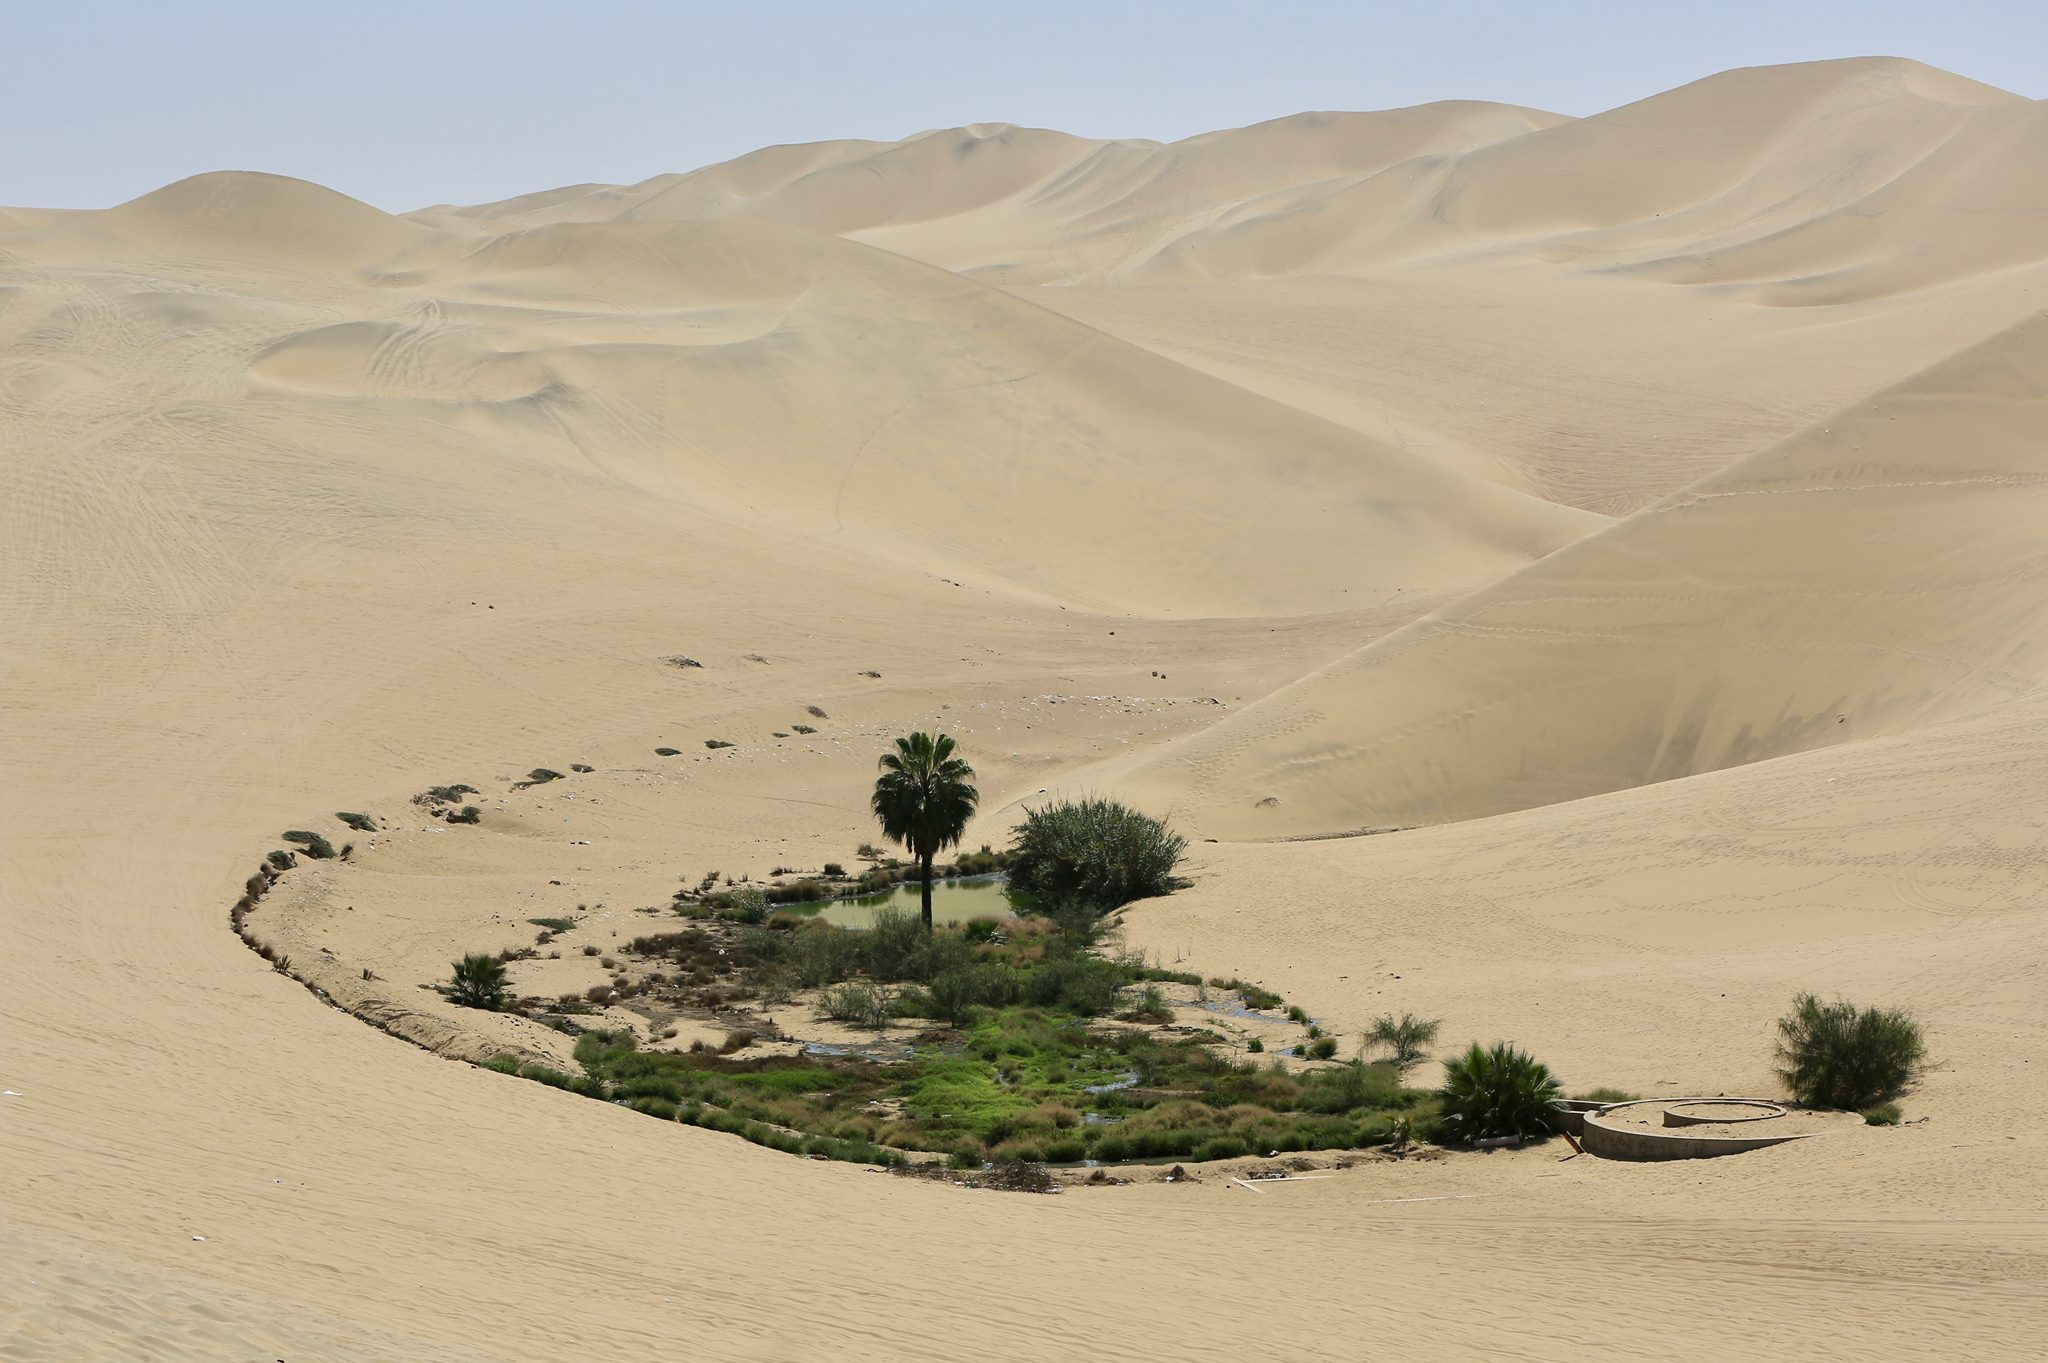 Картинки миражей в пустыне